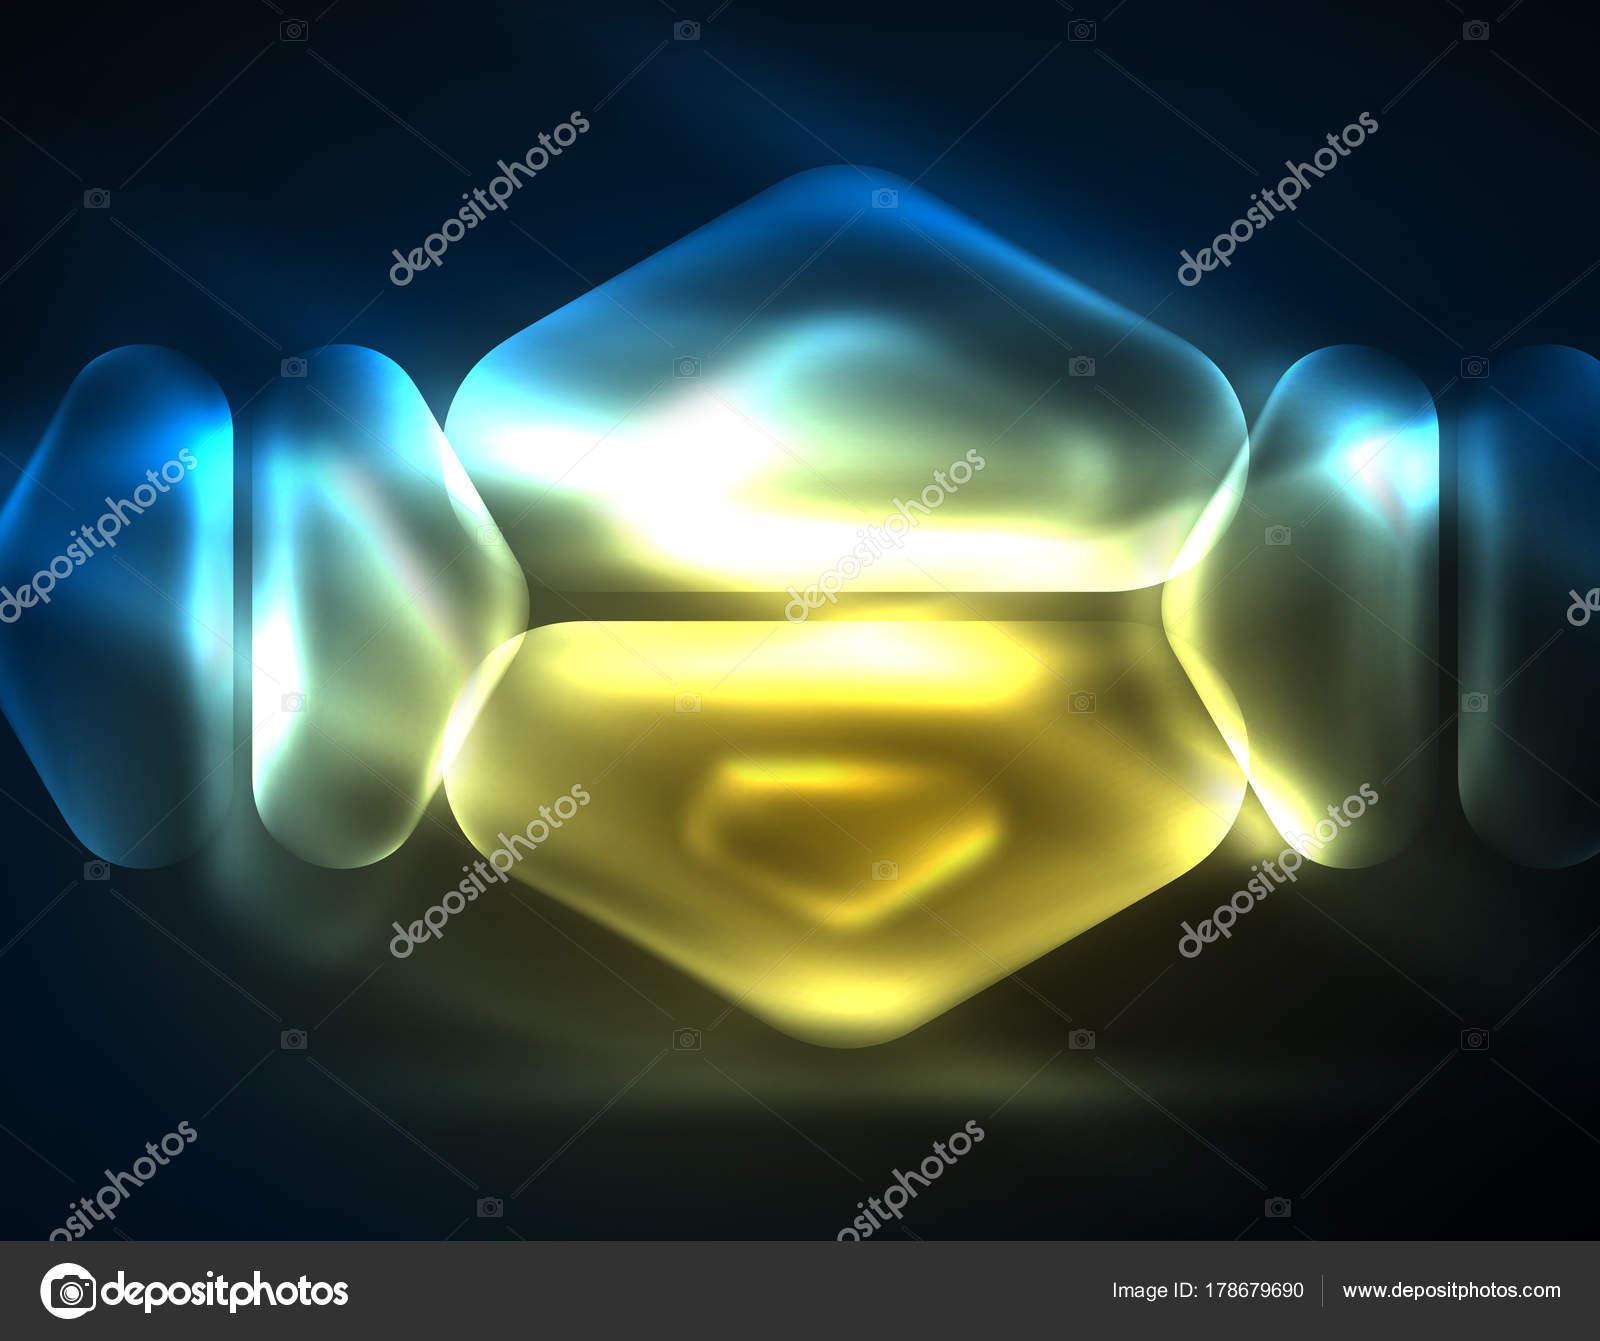 Leuchtende Farbe beleuchtete lens-flares, leuchtende farbe techno hintergrund